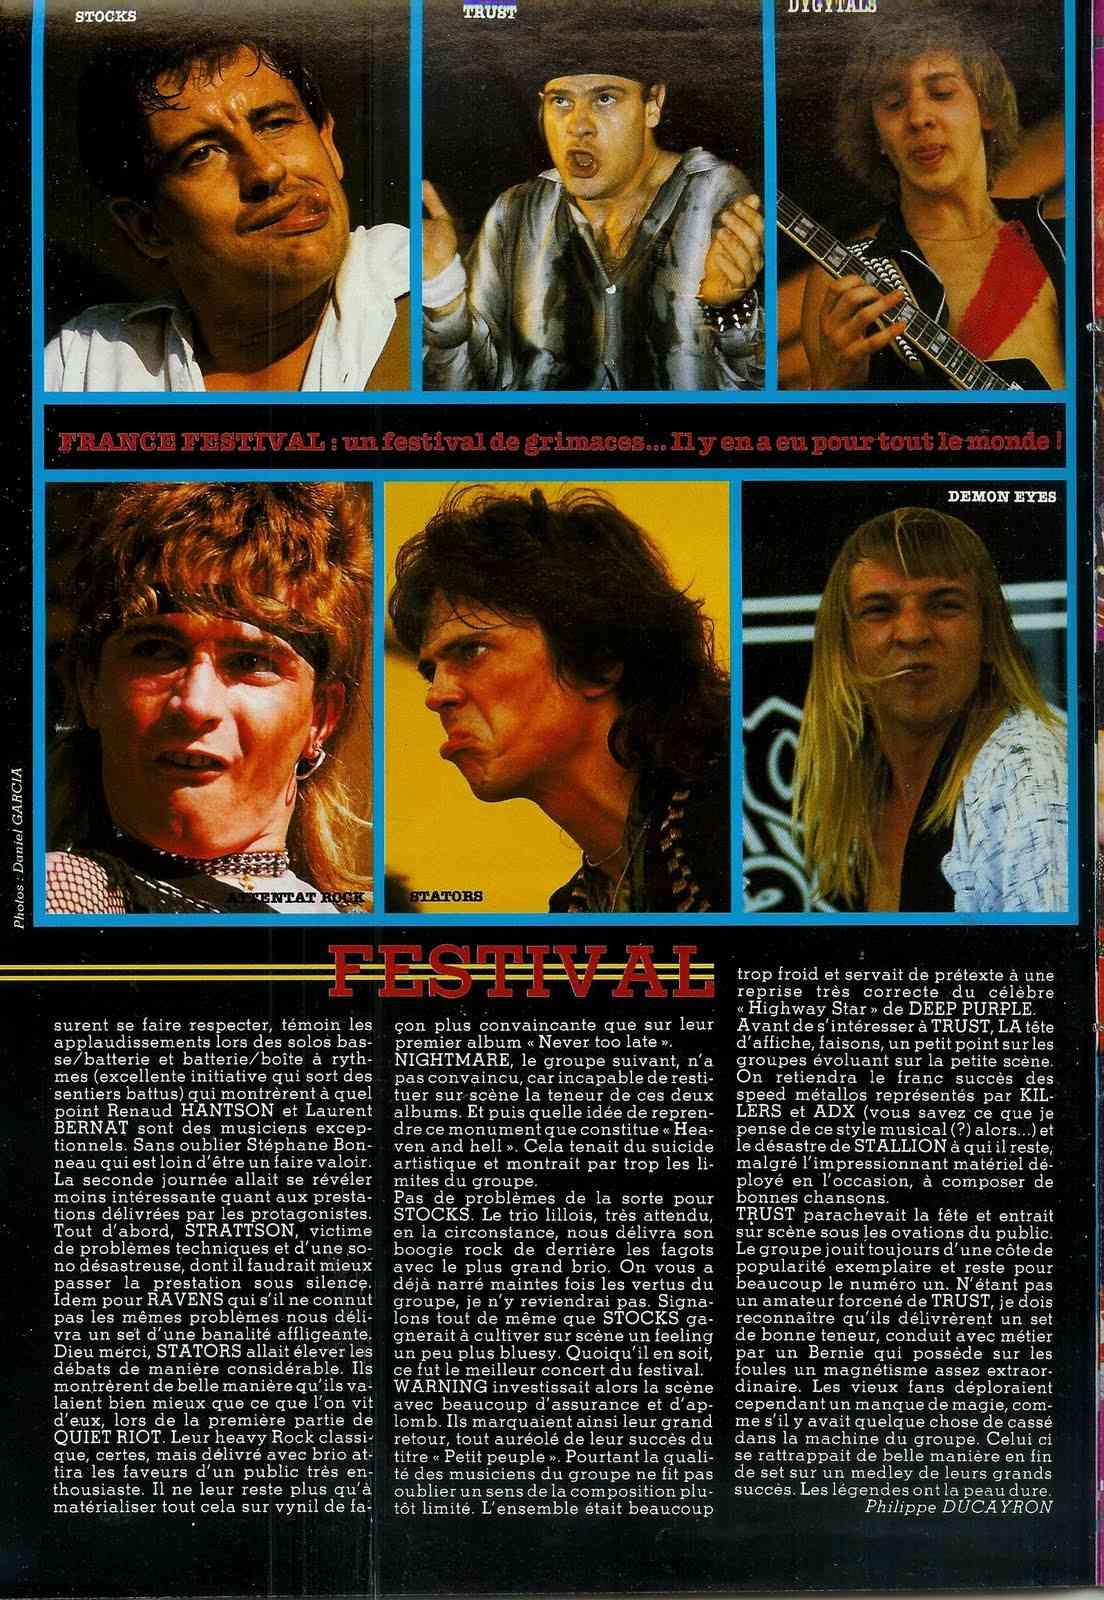 """FRANCE FESTIVAL à Choisy le Roi les 6 et 7 juillet 1985 (Chronique d'une belle aventure) """"Metal Attack"""" Juillet 1985  France13"""